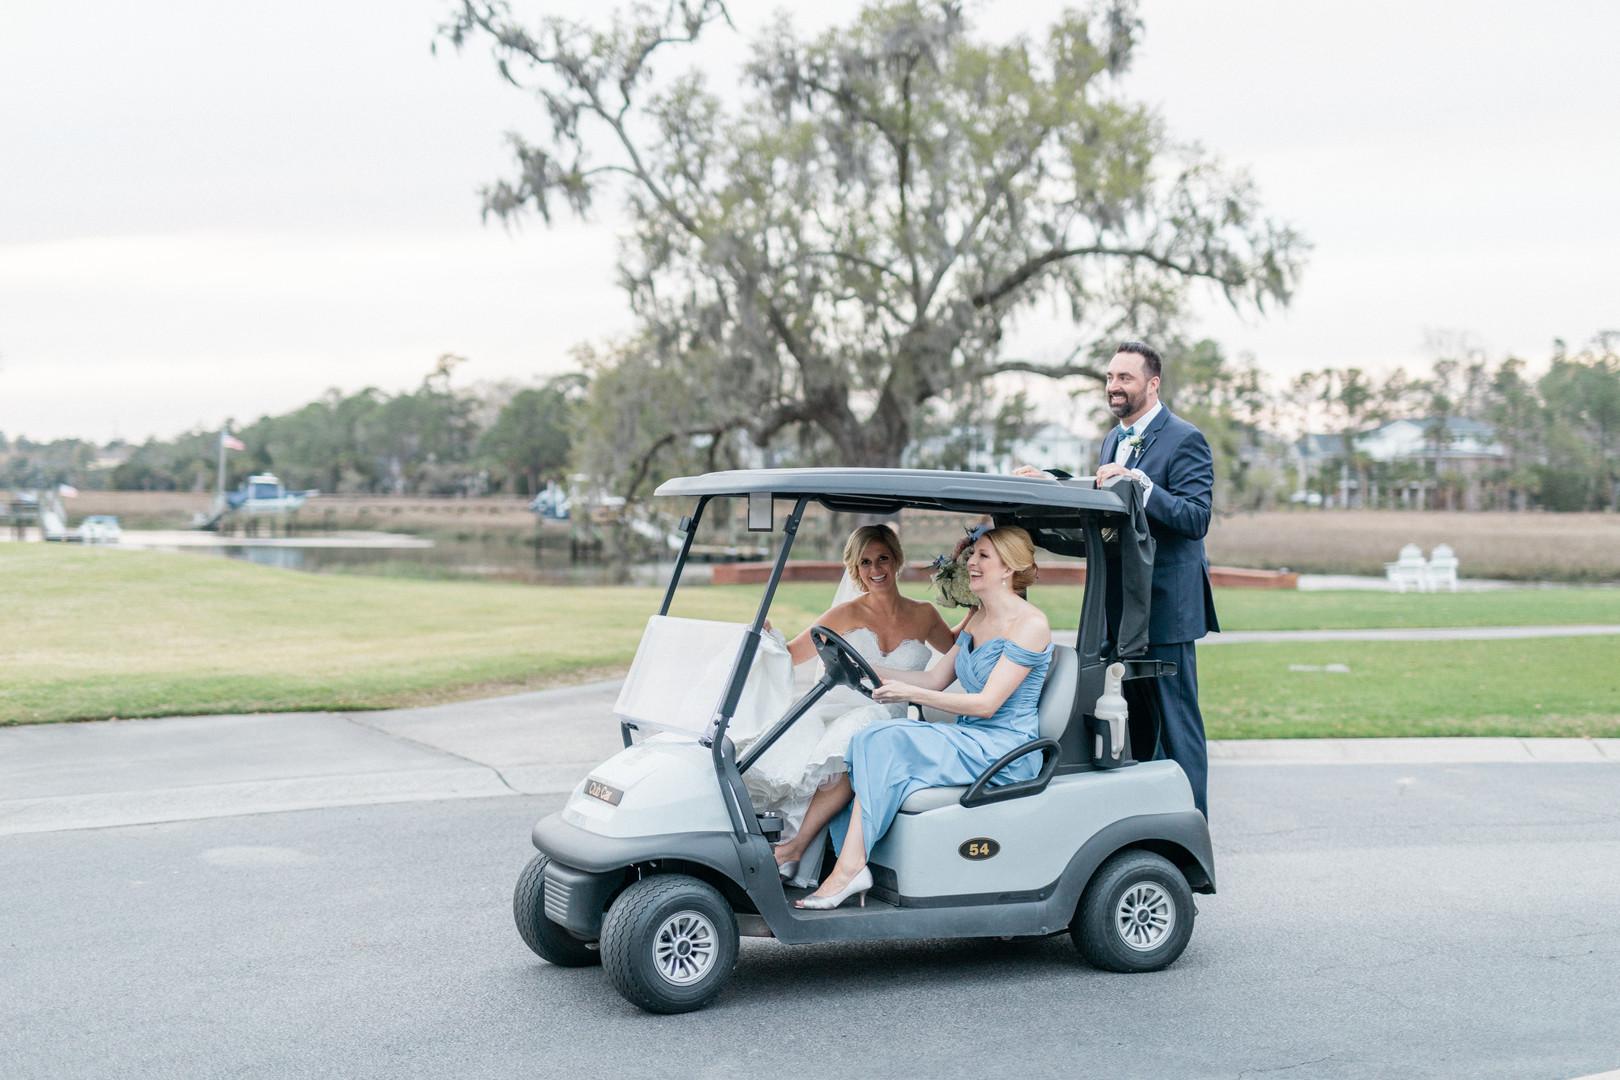 dunes-west-golf-club-wedding-29.jpg